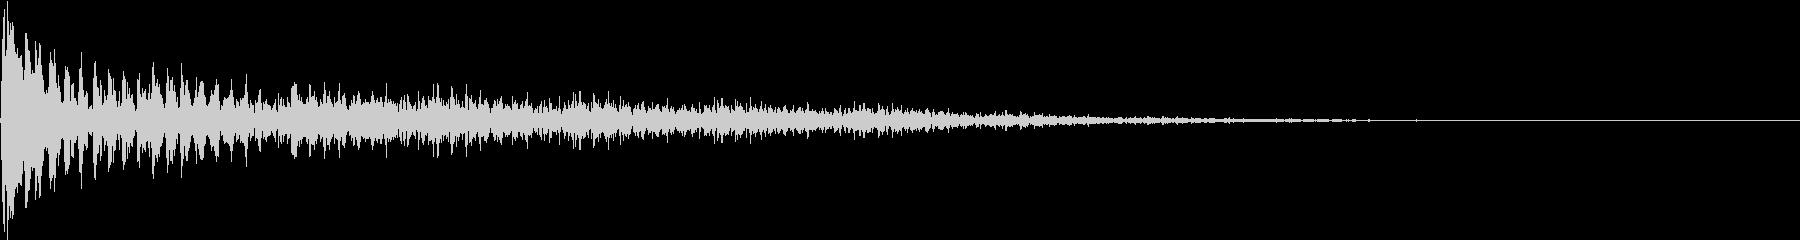 TVFX ビヨーンとヘンテコなSE 1の未再生の波形